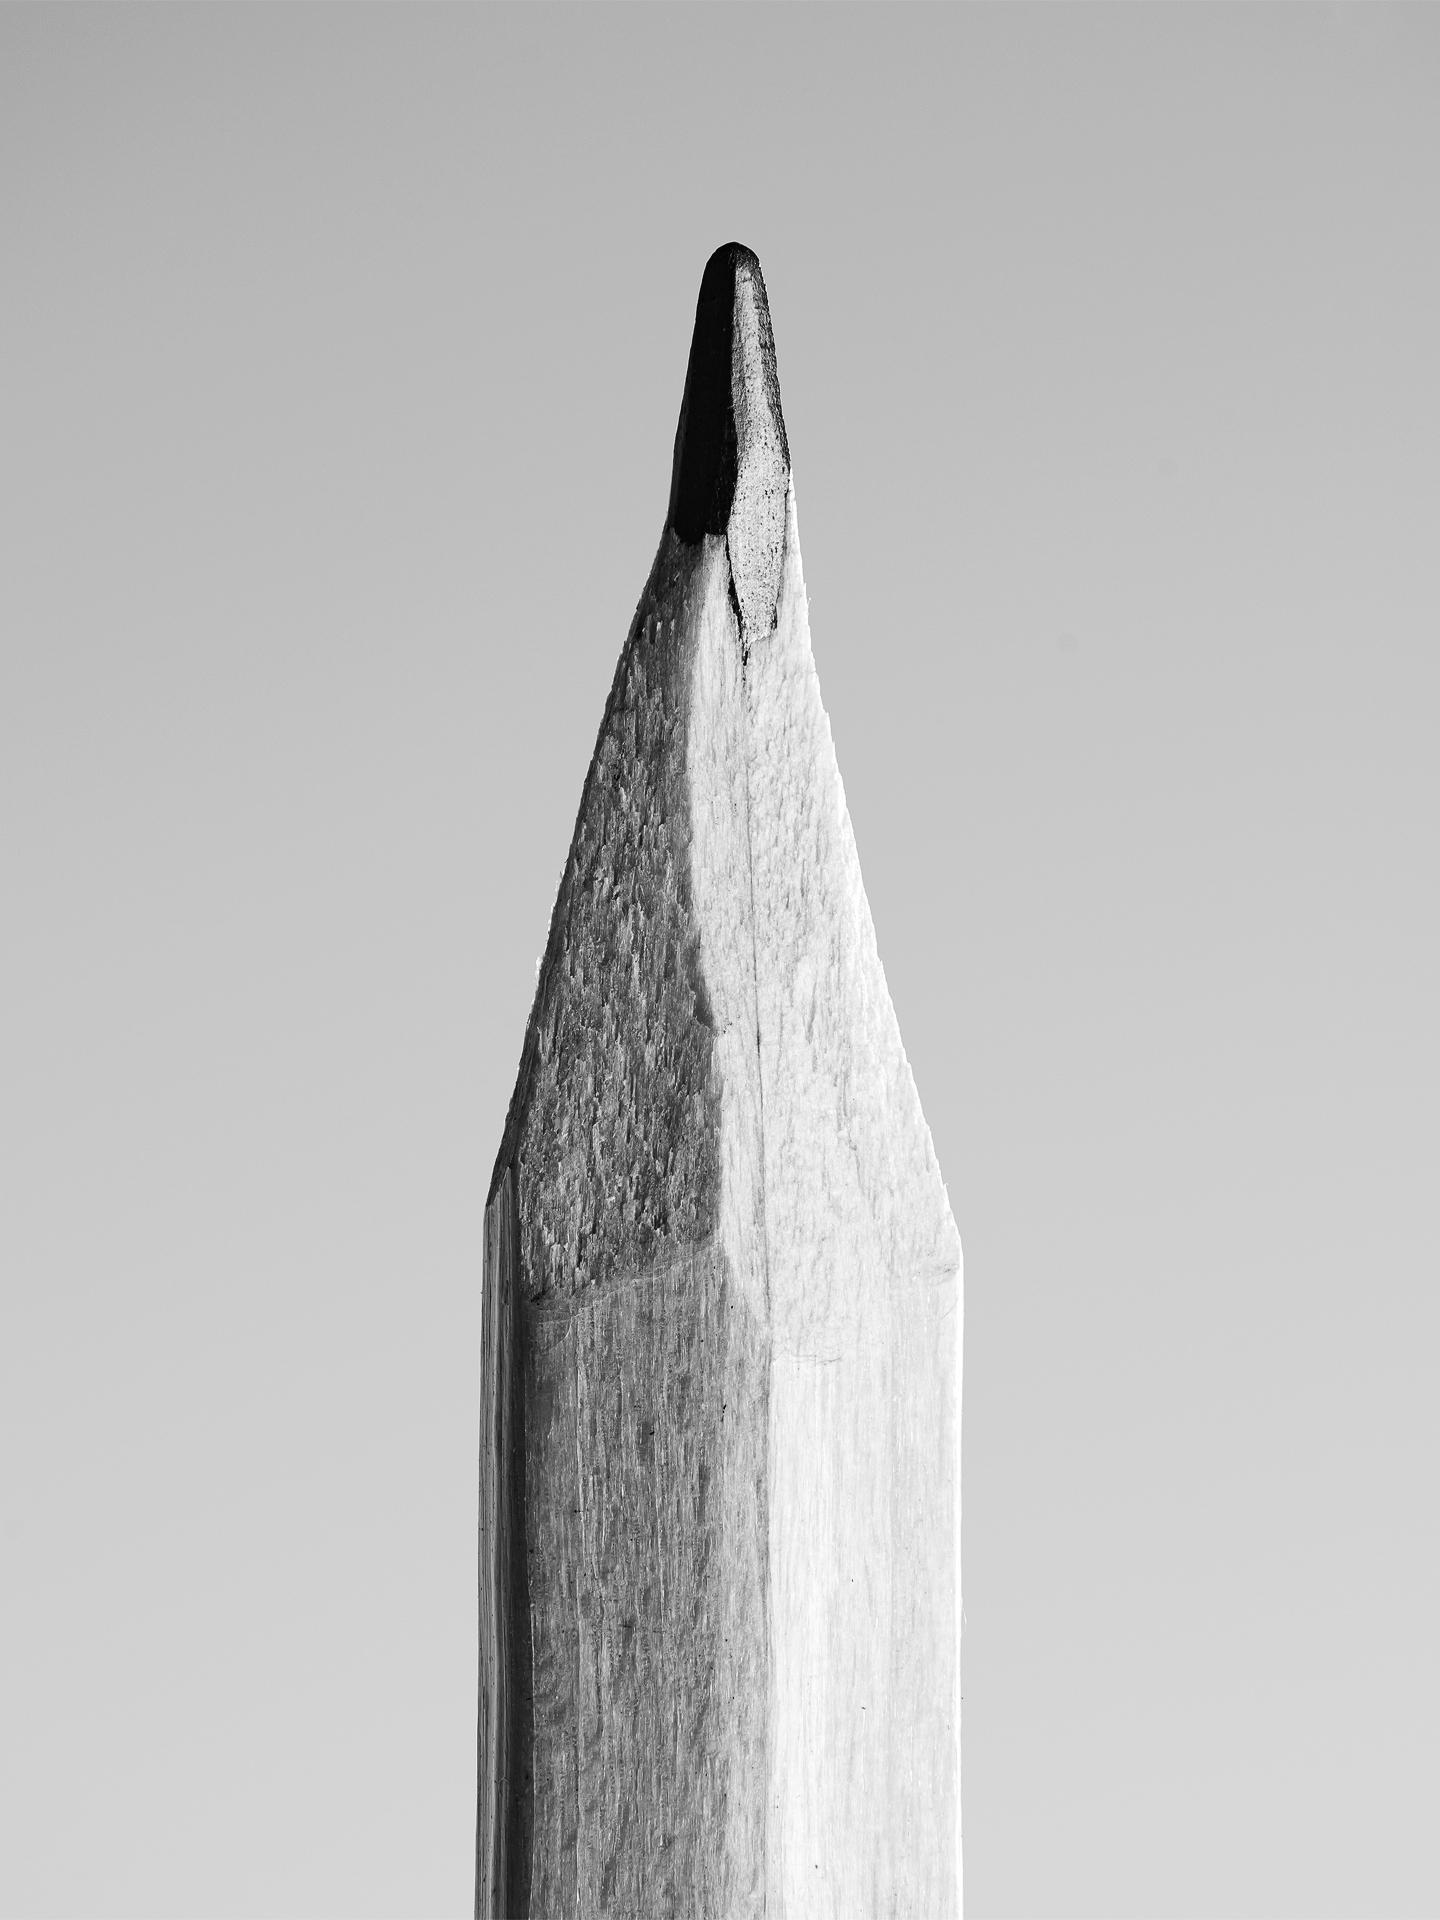 la matita di Stephen Fry (dettaglio)